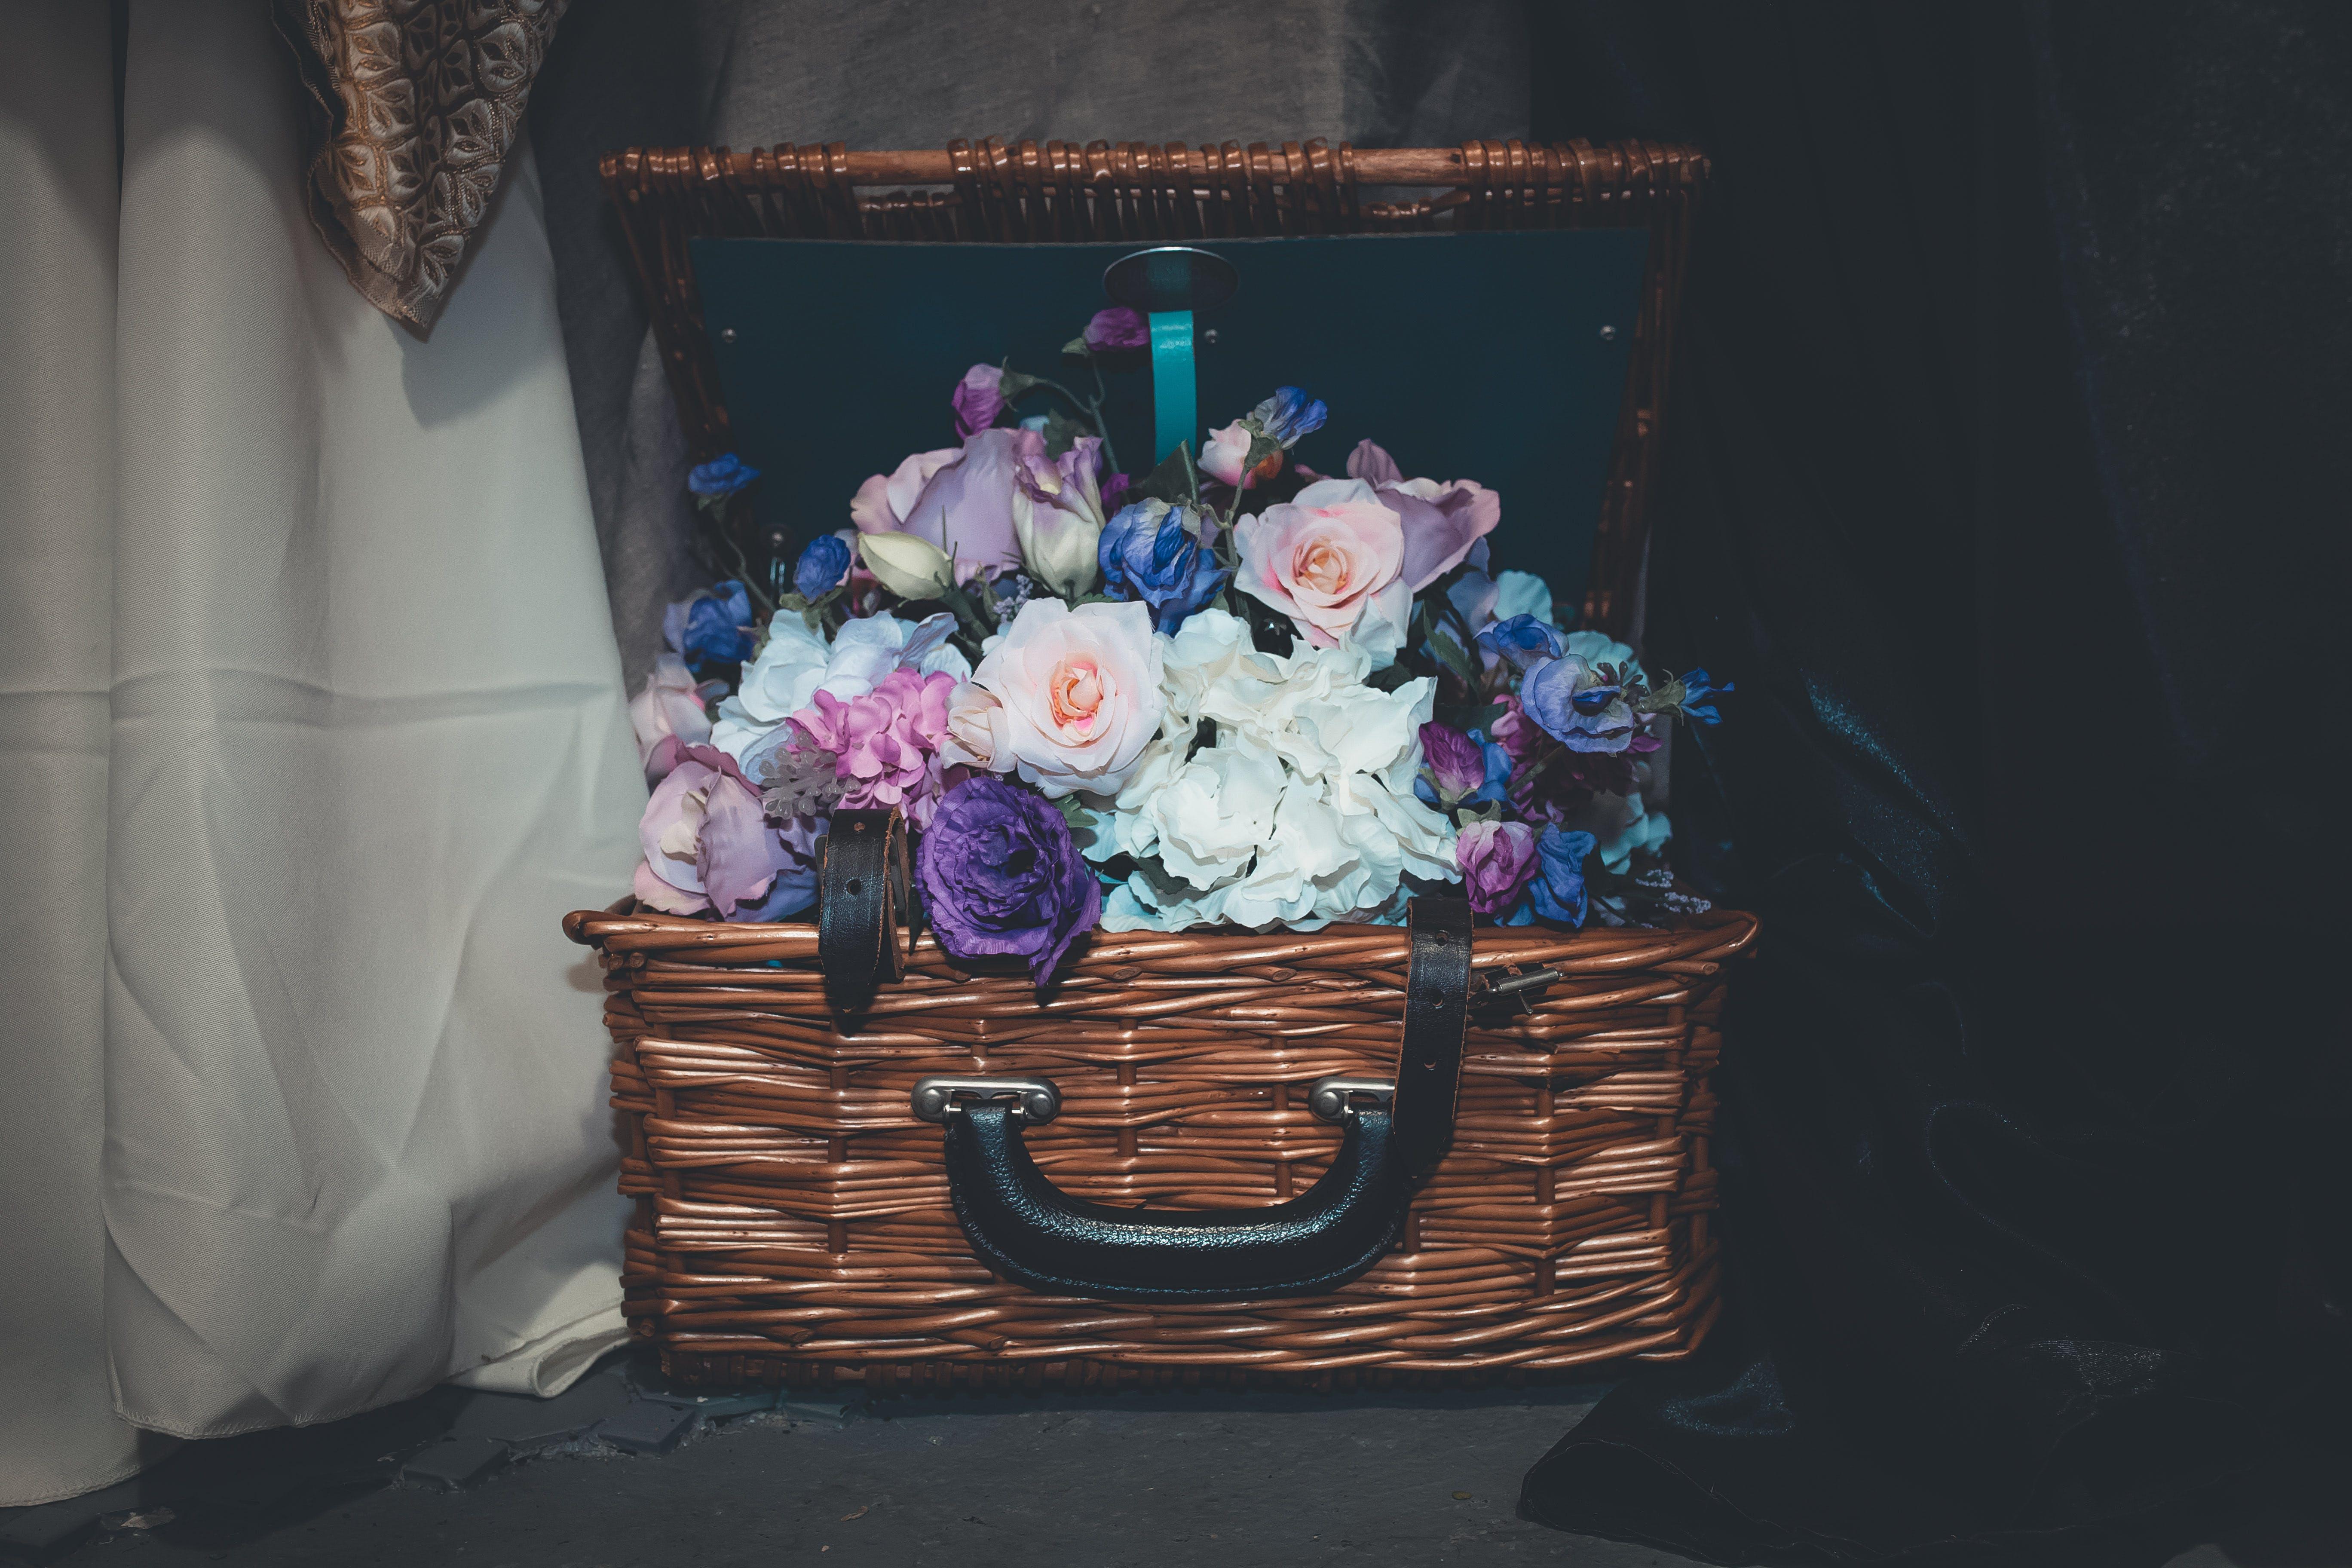 of basket, beautiful, bloom, blooming